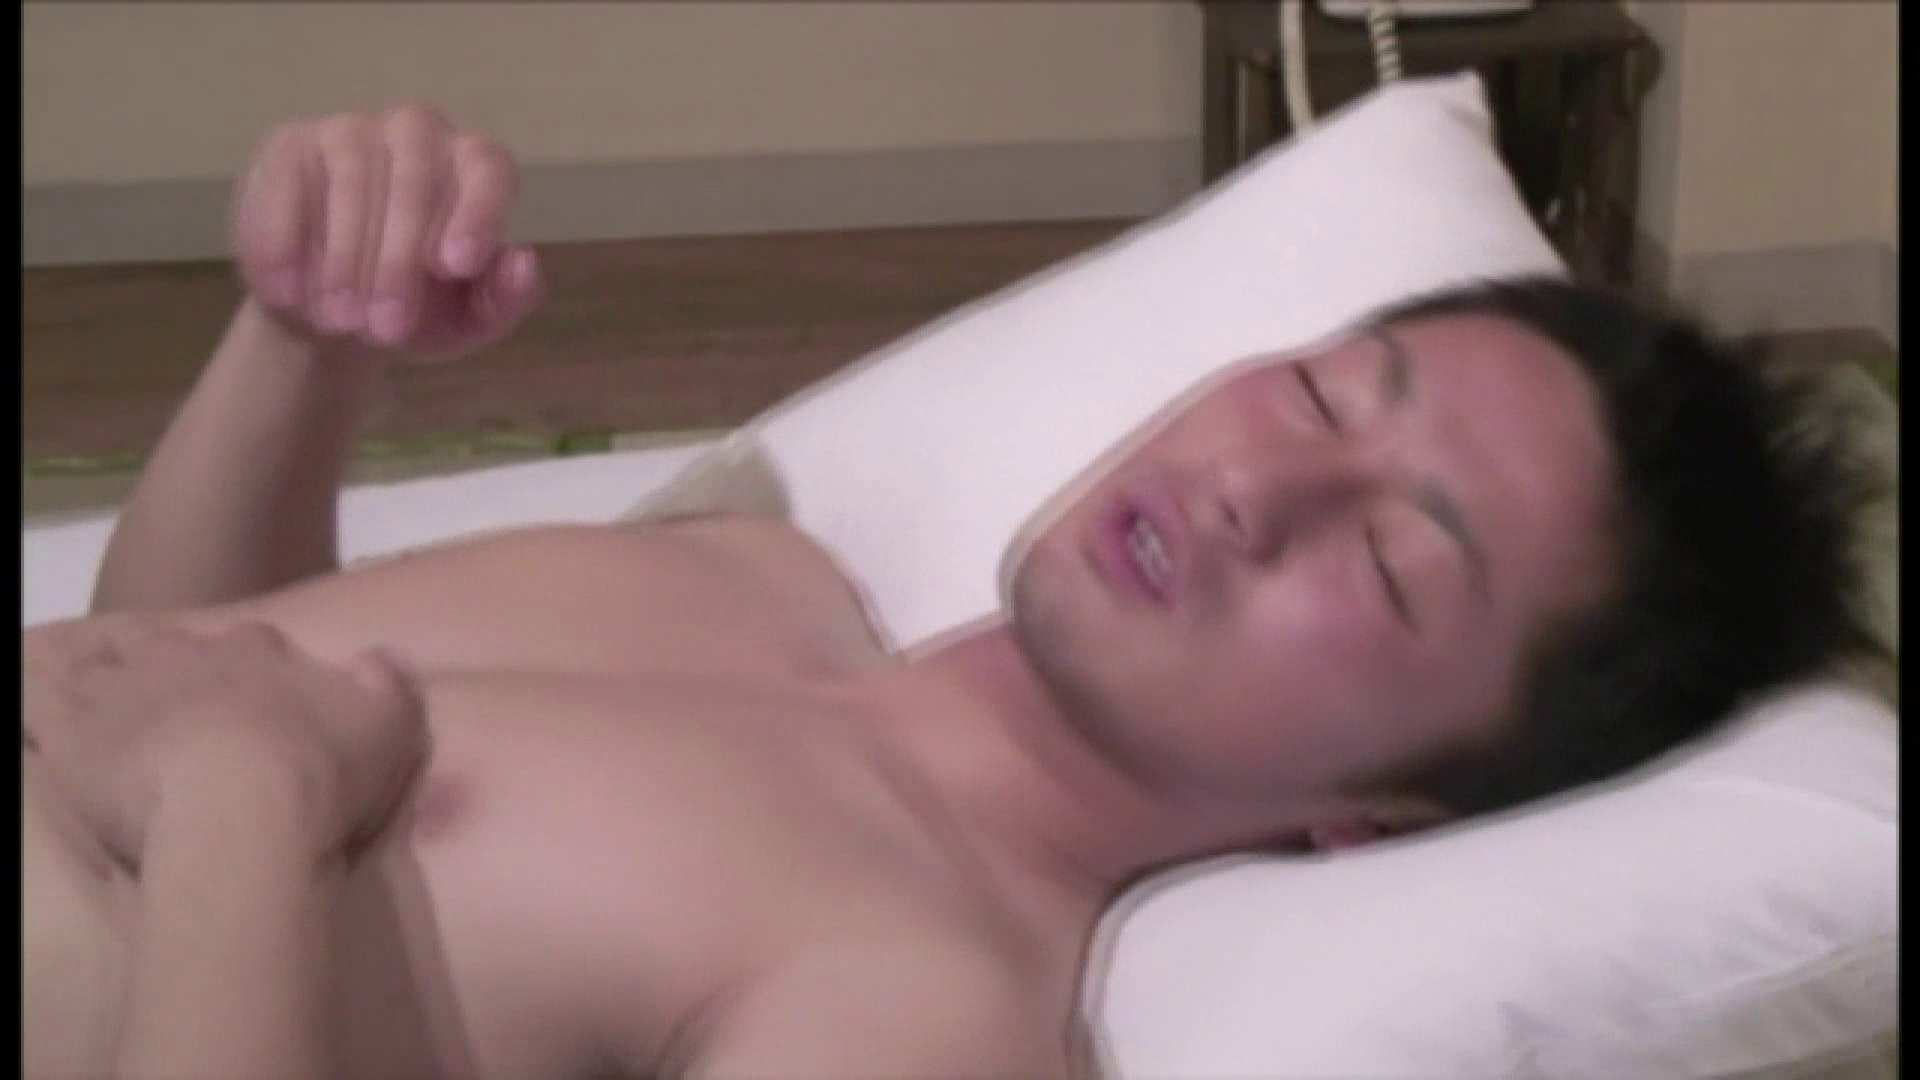 ノンケイケメンの欲望と肉棒 Vol.23 イケメンのsex | ノンケボーイズ  91pic 50